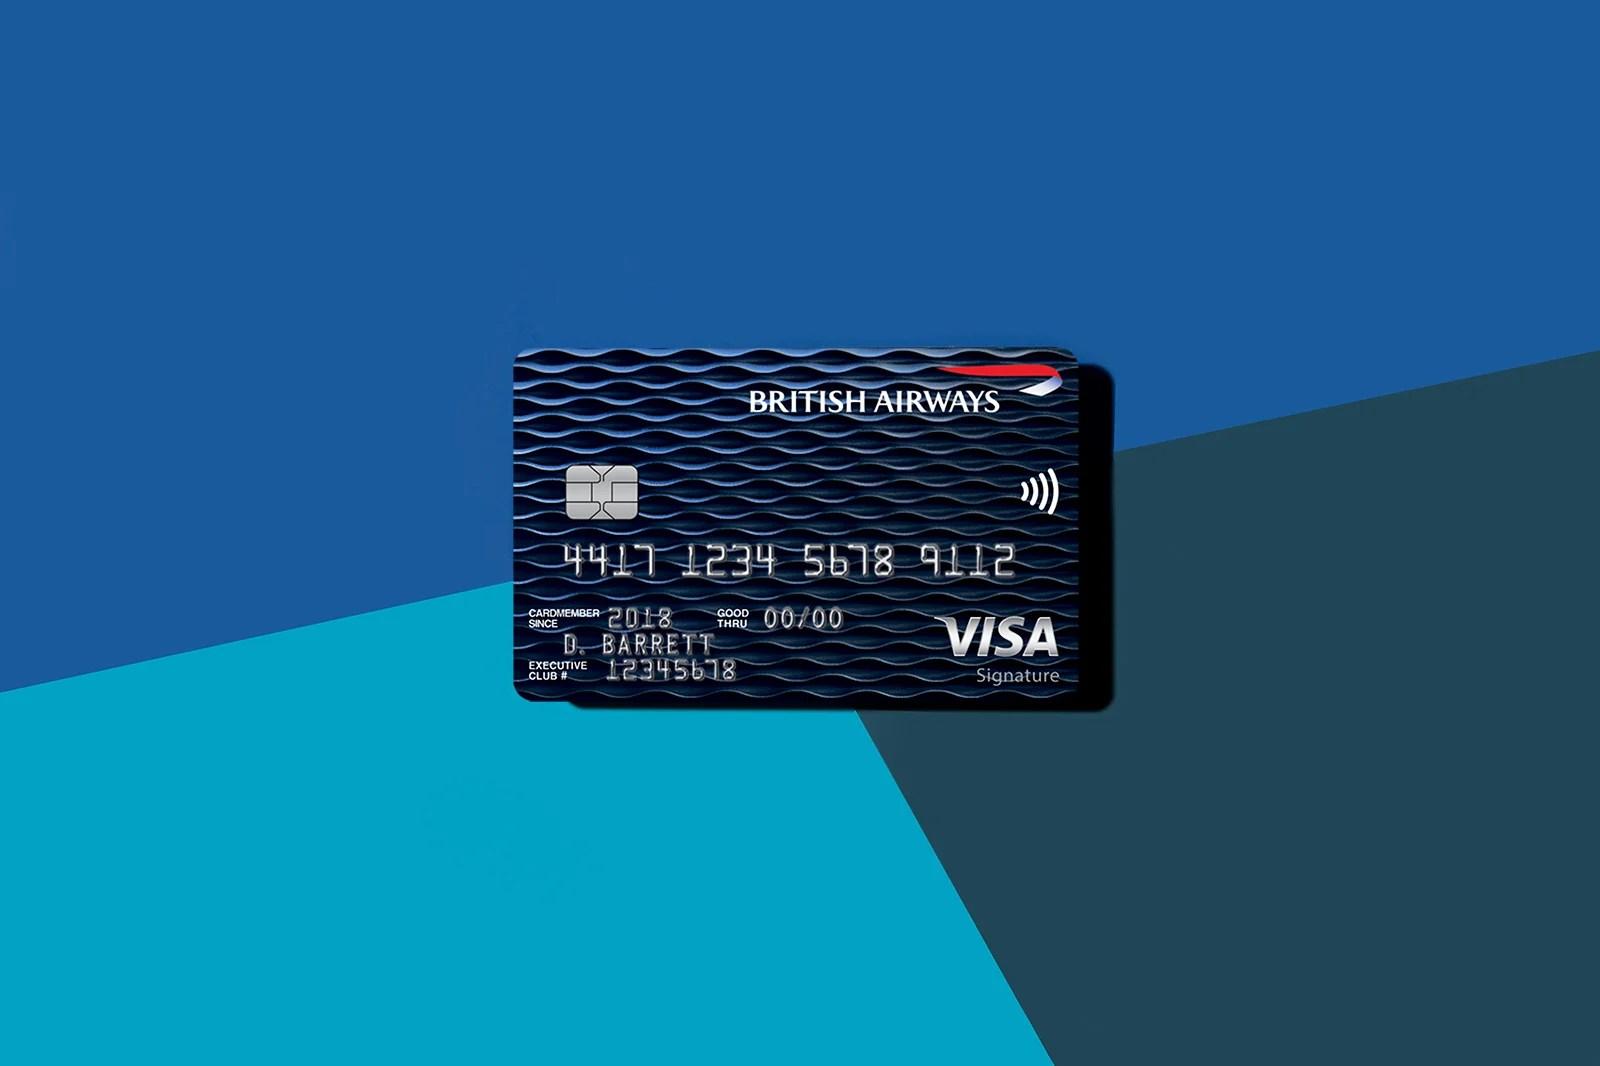 Credit Card Review: The British Airways Visa Signature